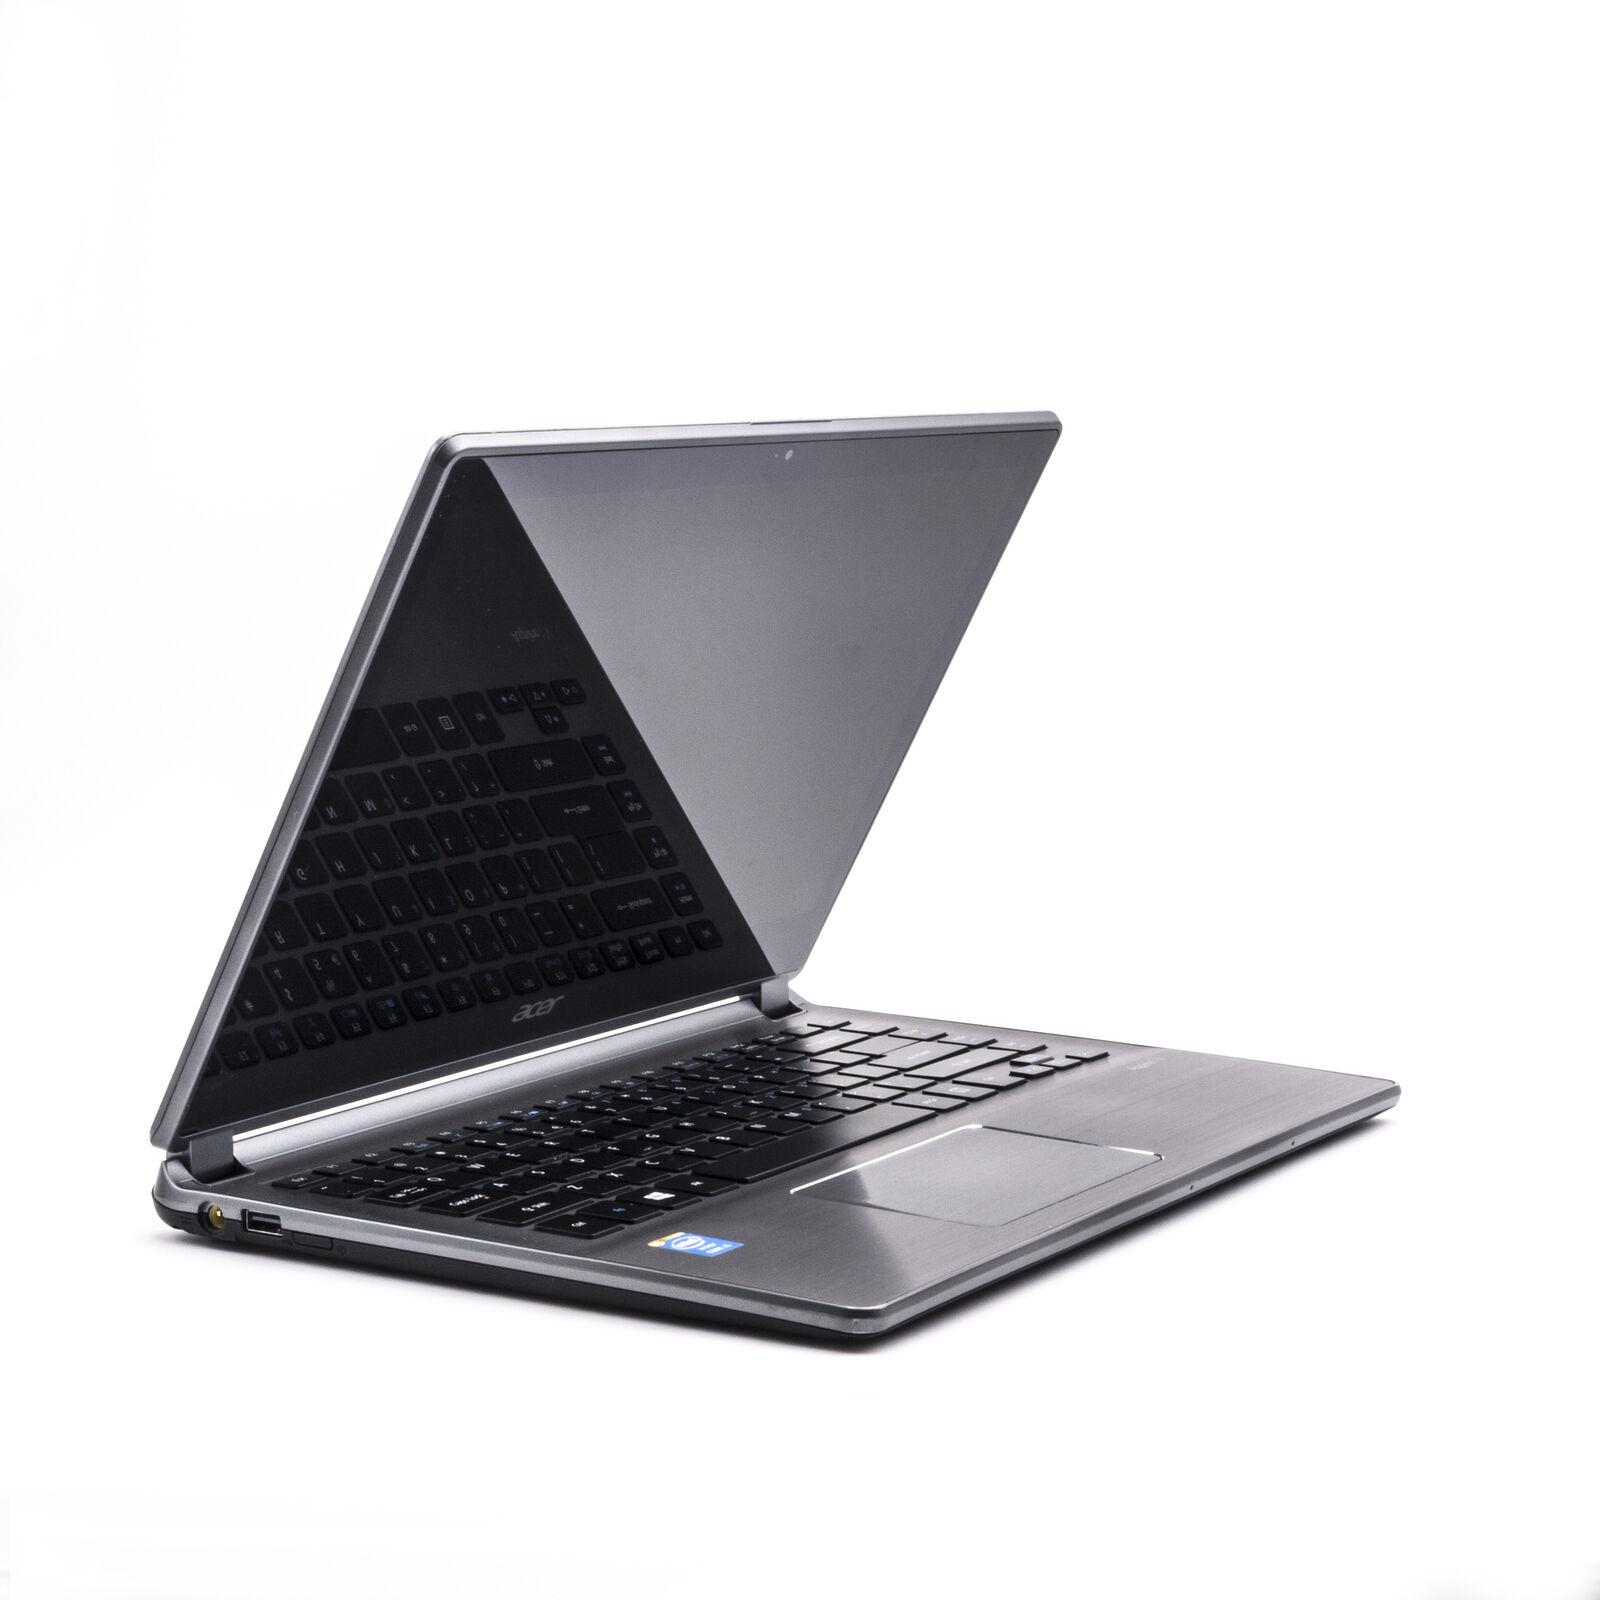 Acer Aspire Intel Core i5-4200U CPU @ 1.60GHz 4GB AspireV5473P-03-C